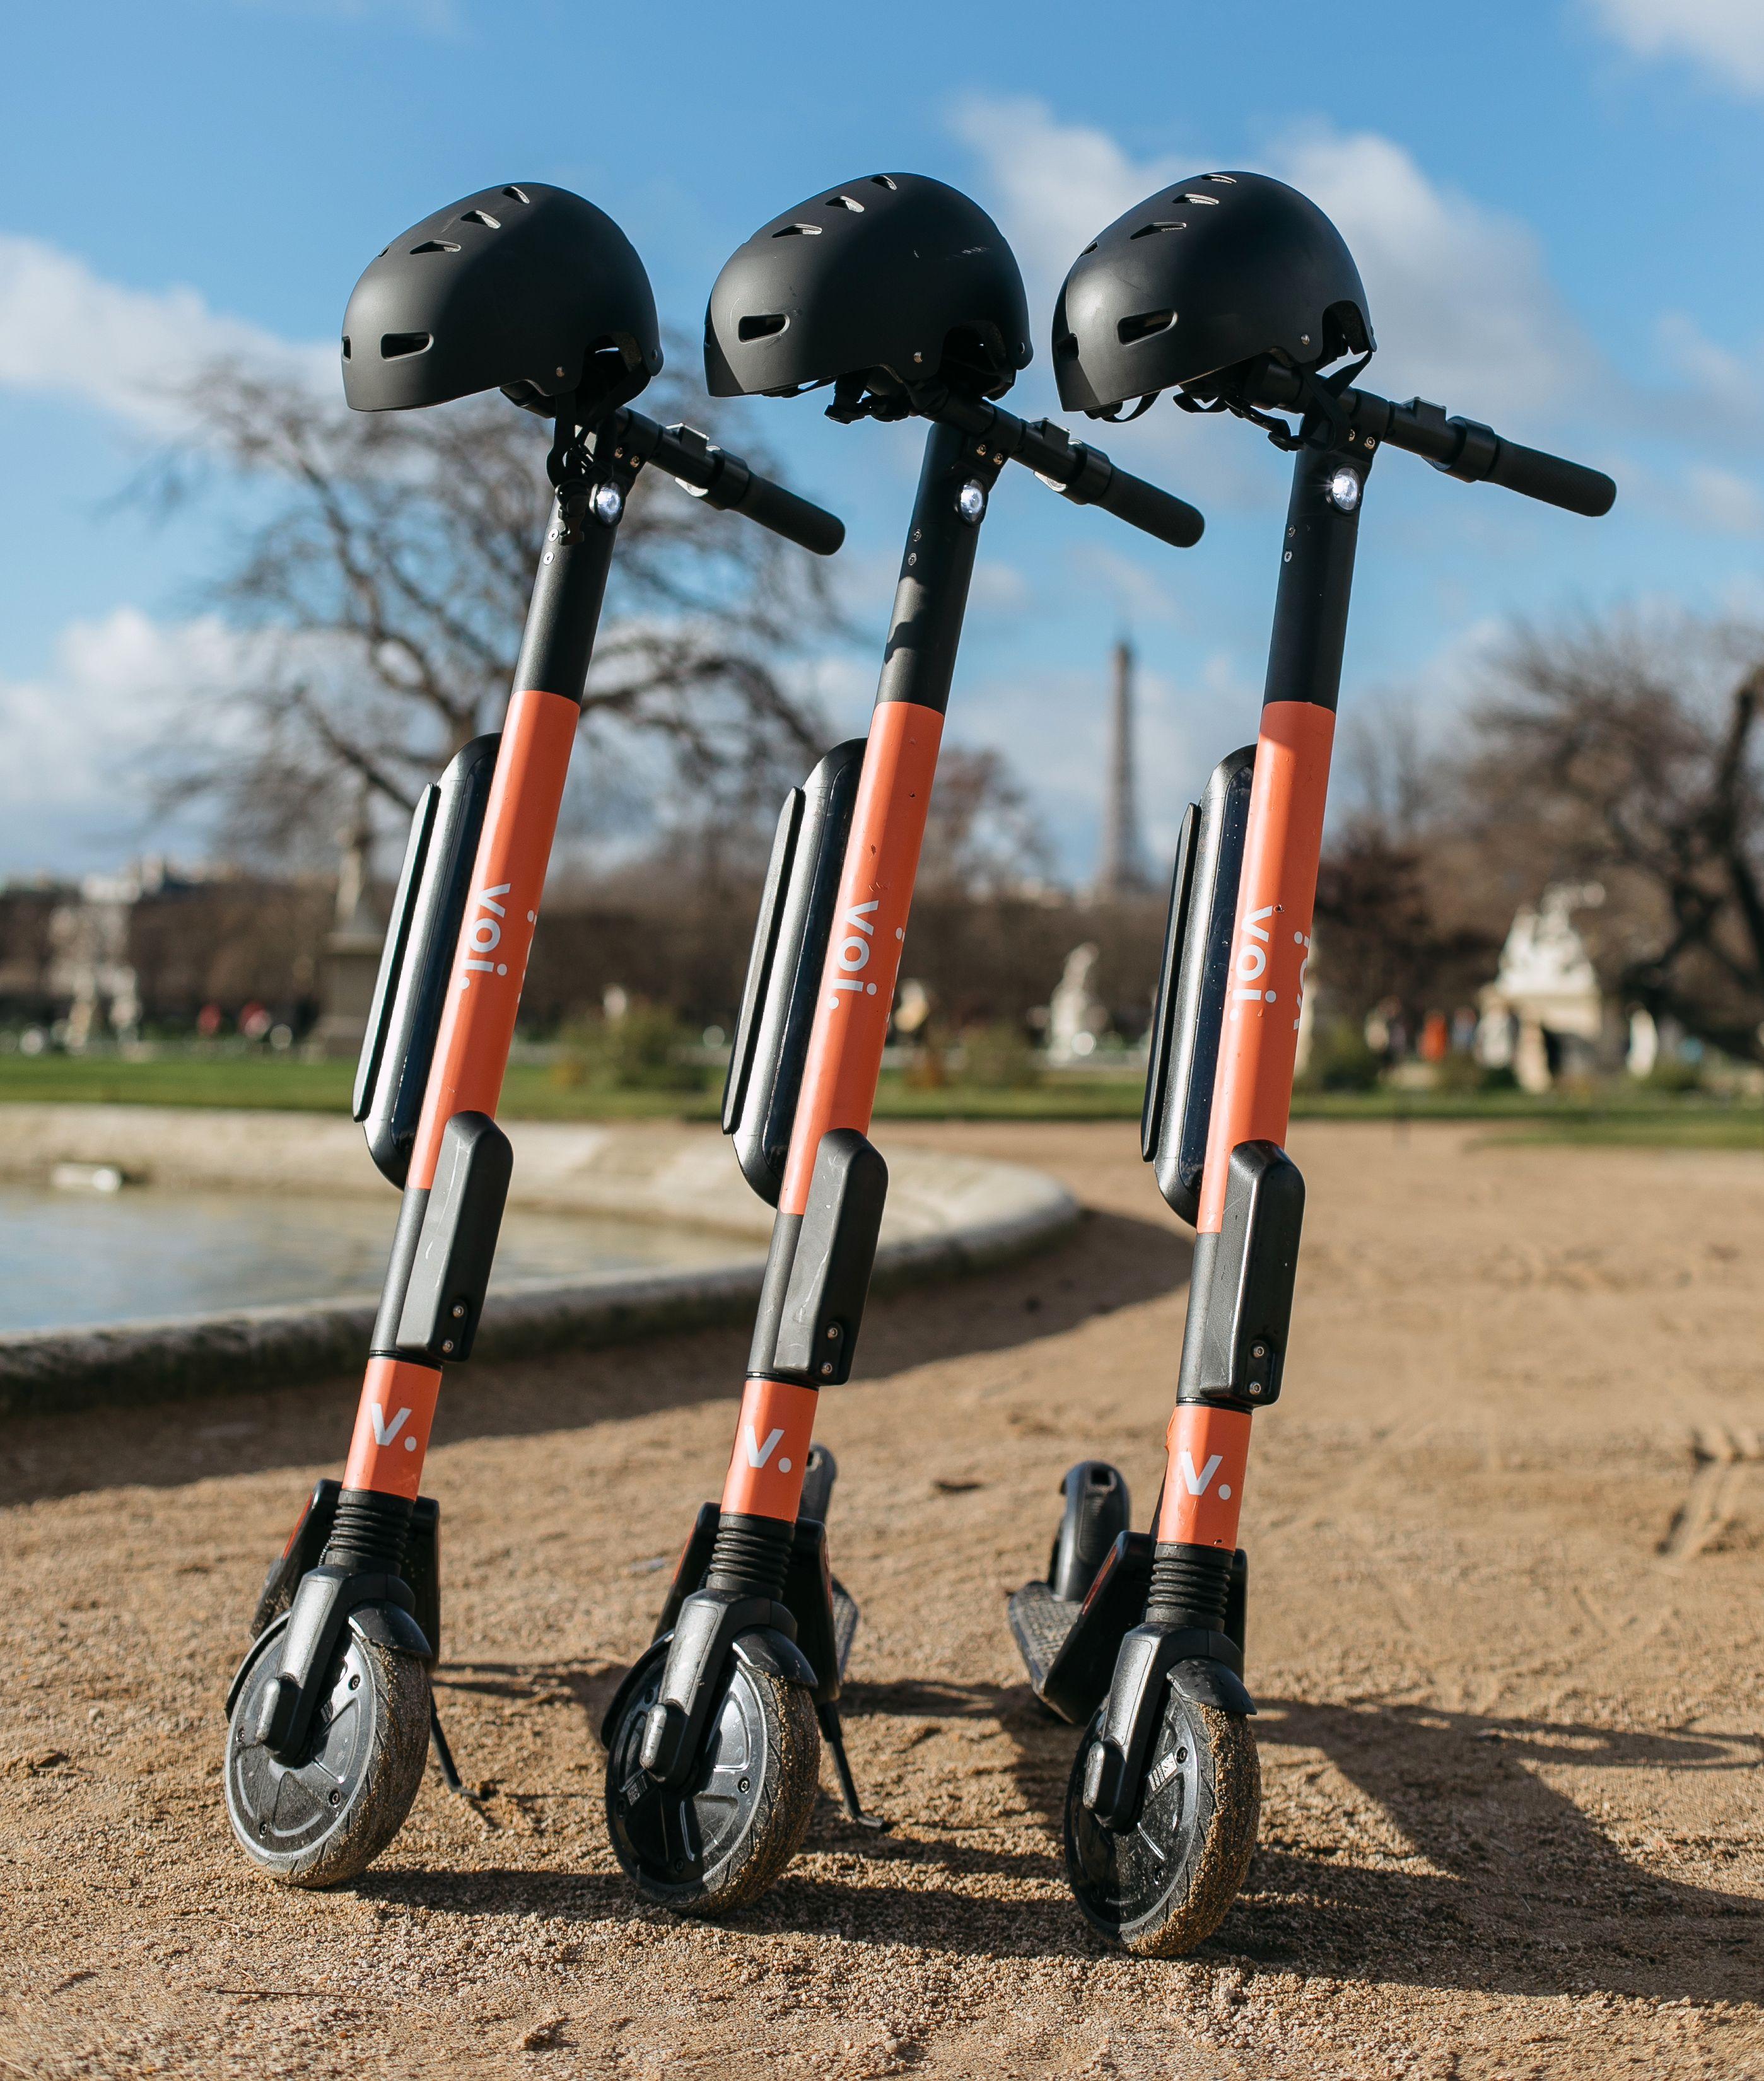 Voi skal i utgangspunktet bruke Ninebot-sparkesykler i Norge. De vil imidlertid ikke ha noen hjelm hengende på.